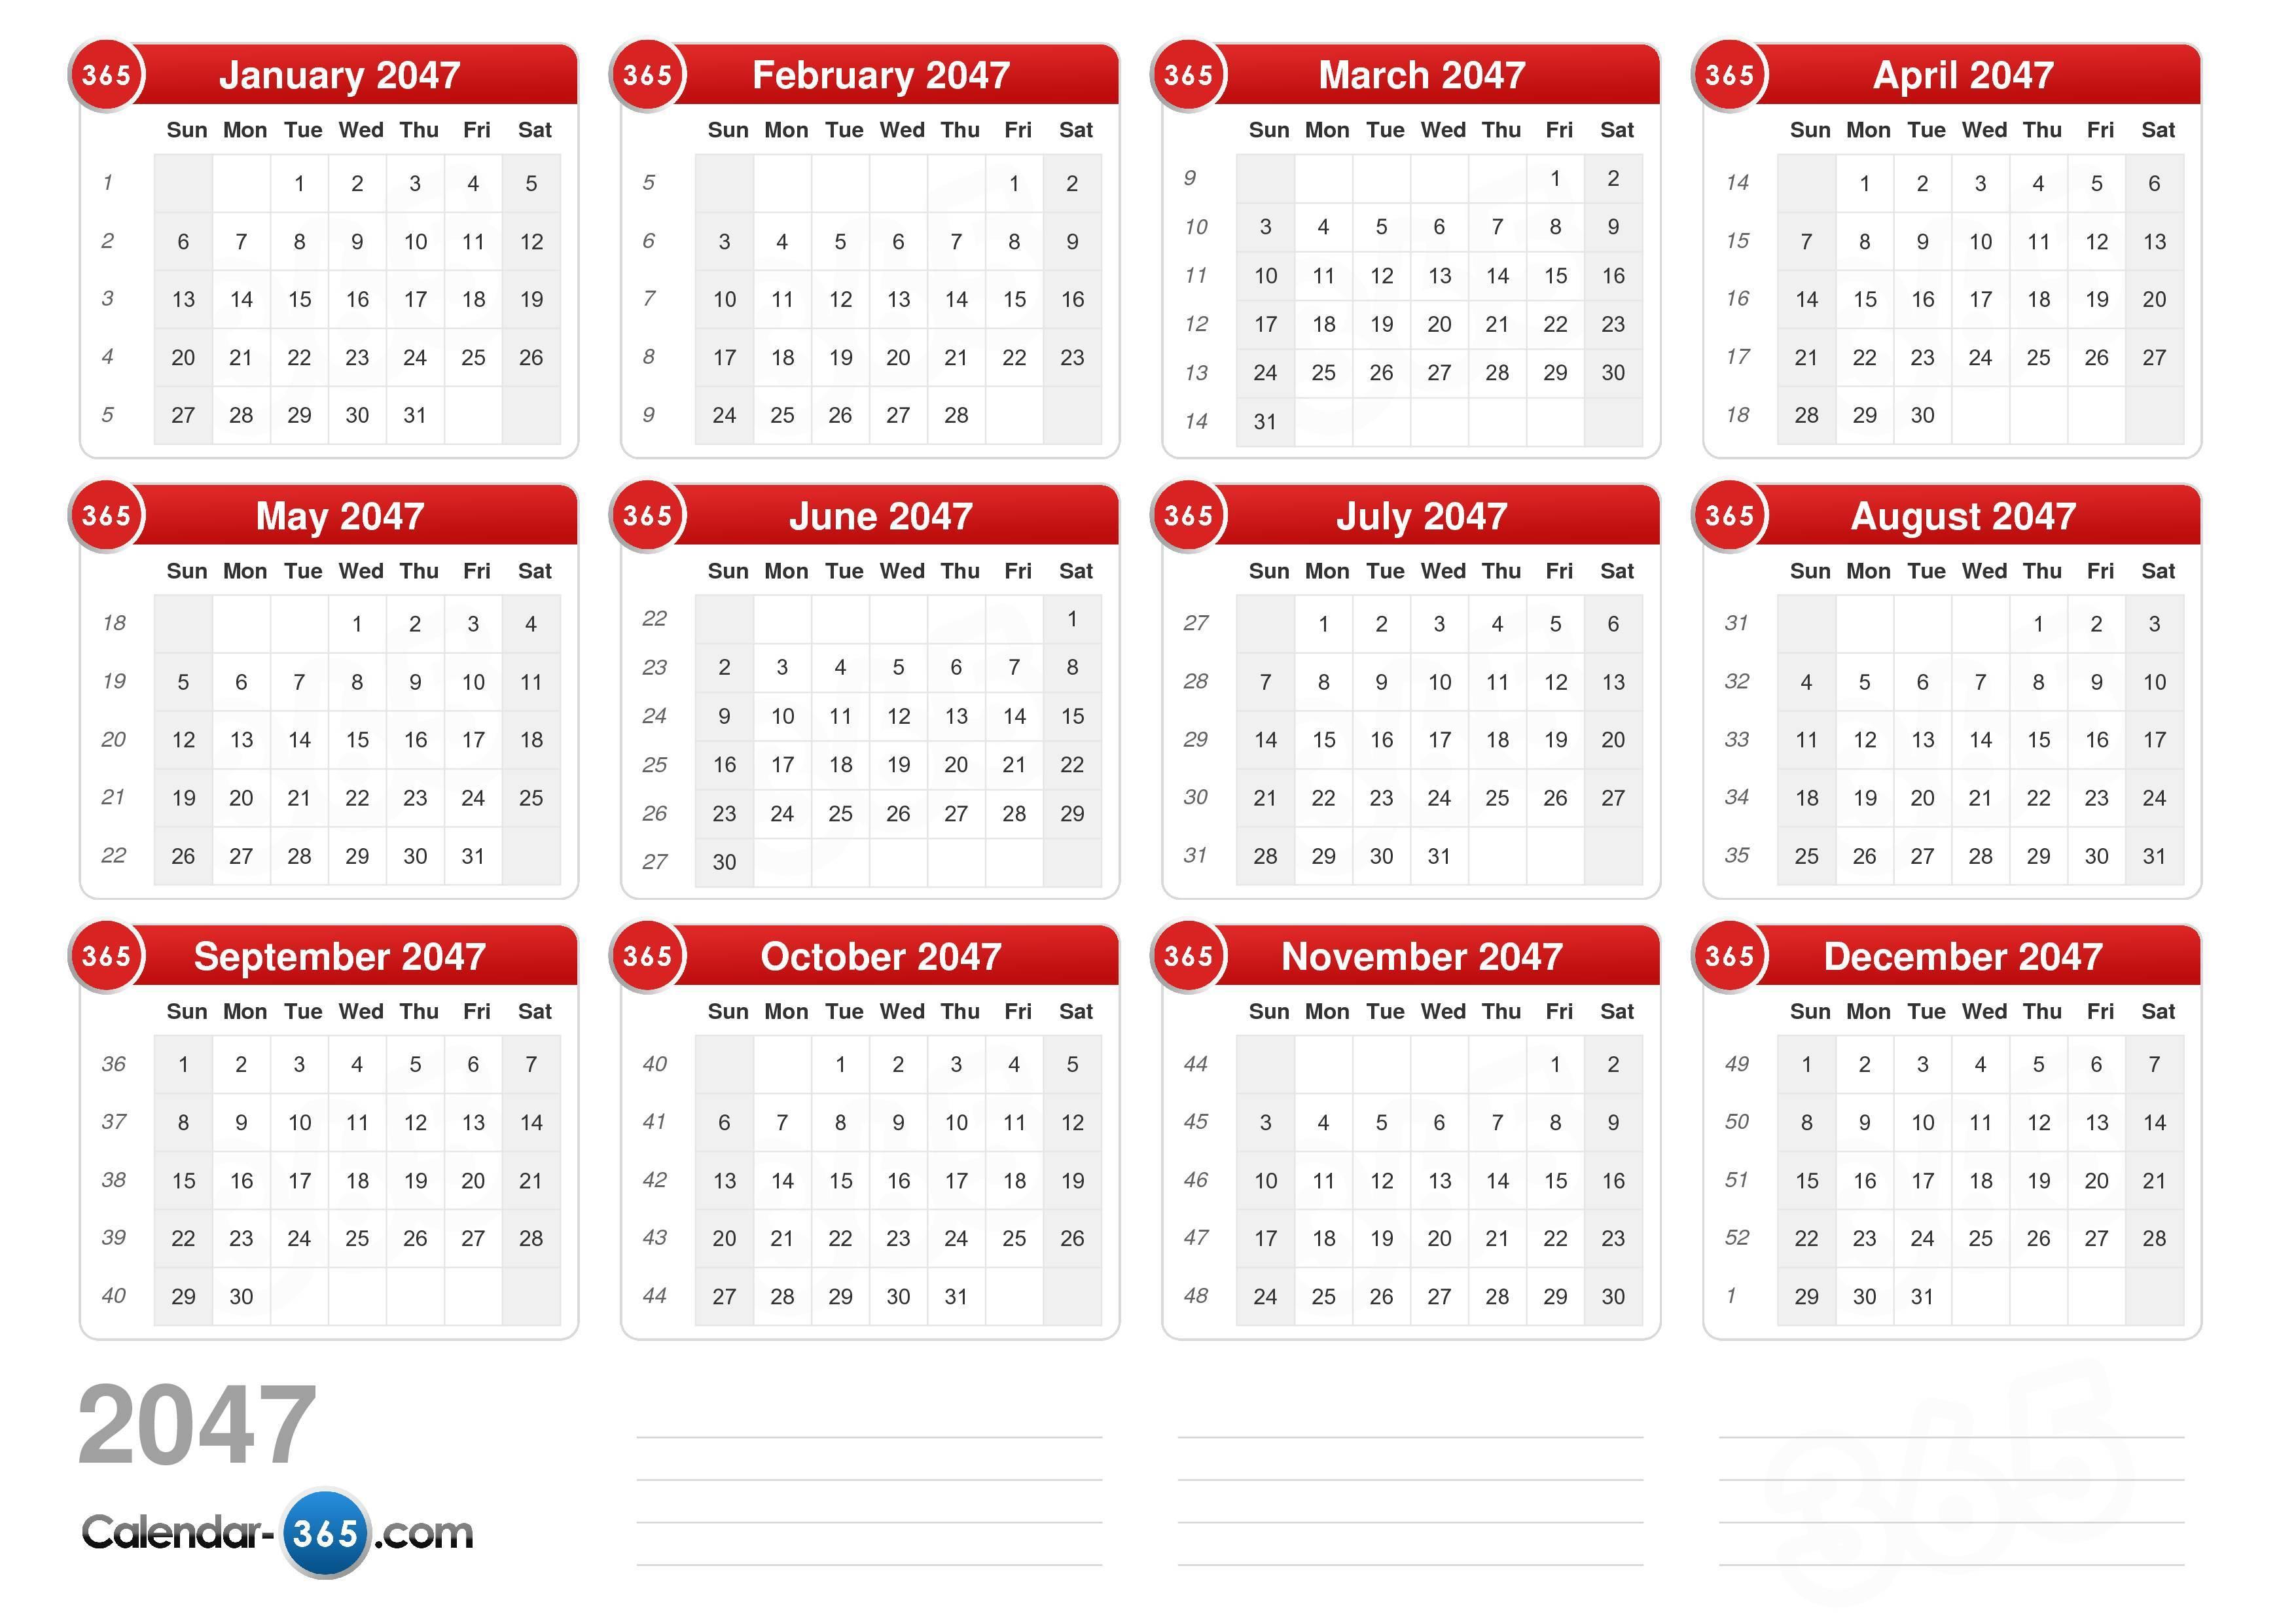 2047 Calendar (v2)